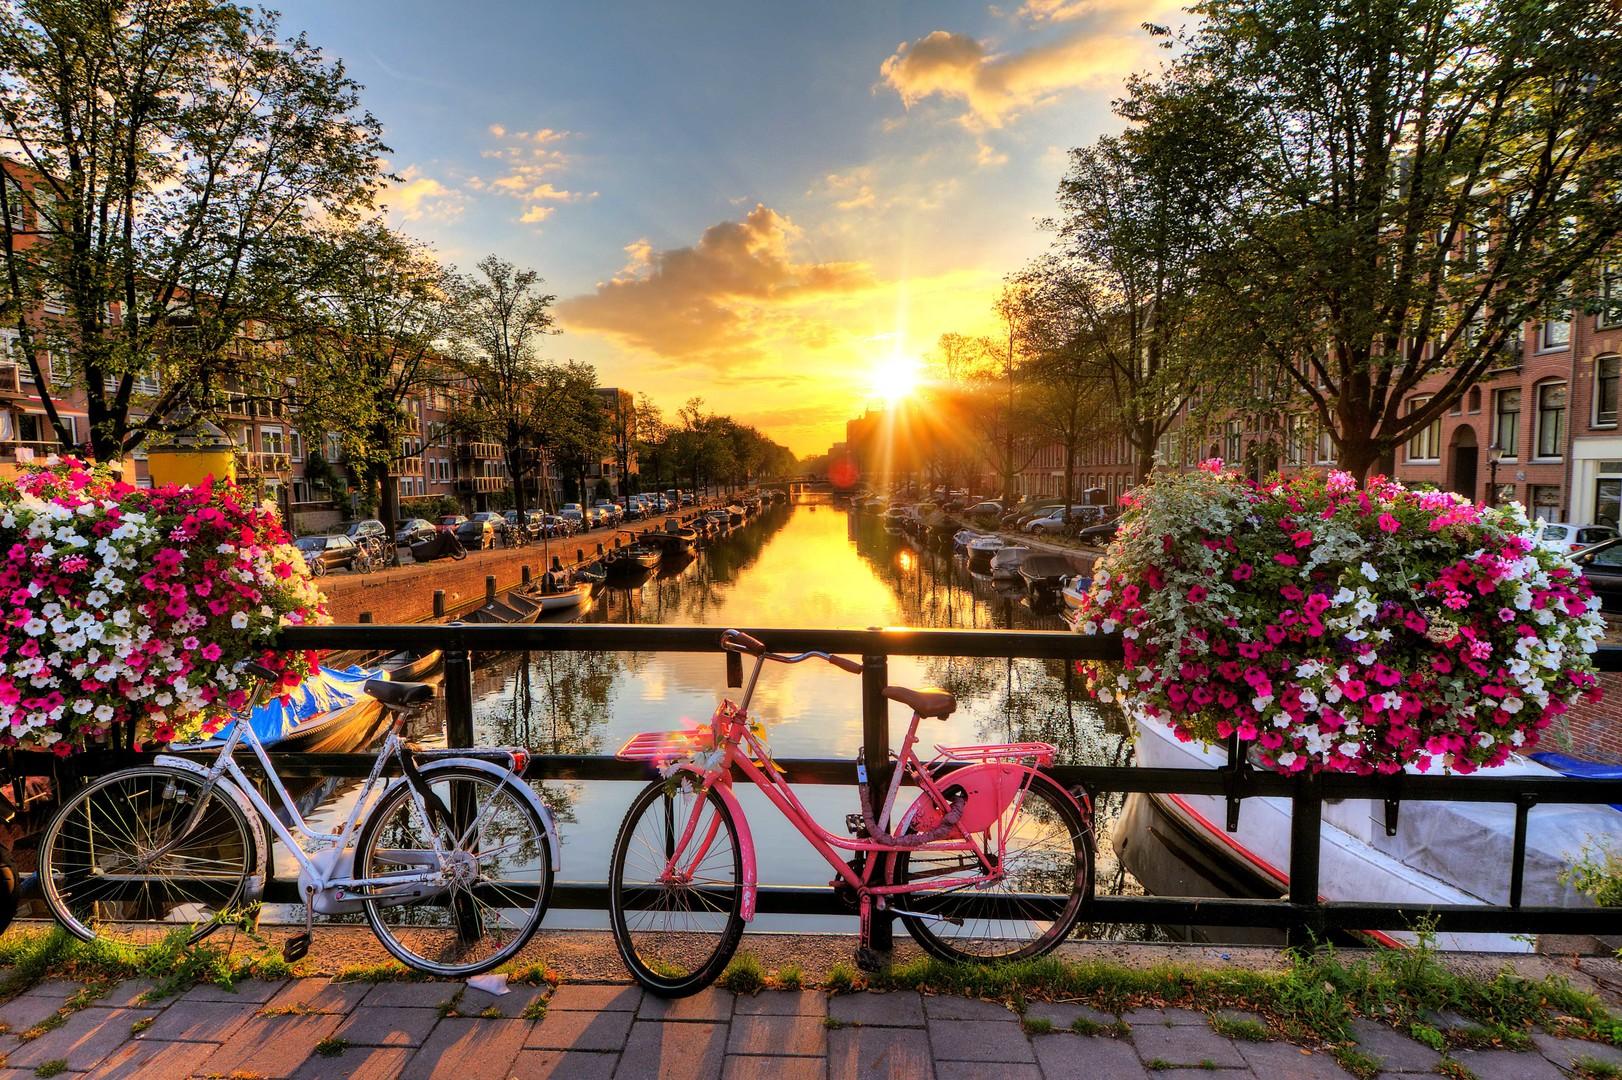 Prodloužený víkend v Amsterdamu (4 dny)